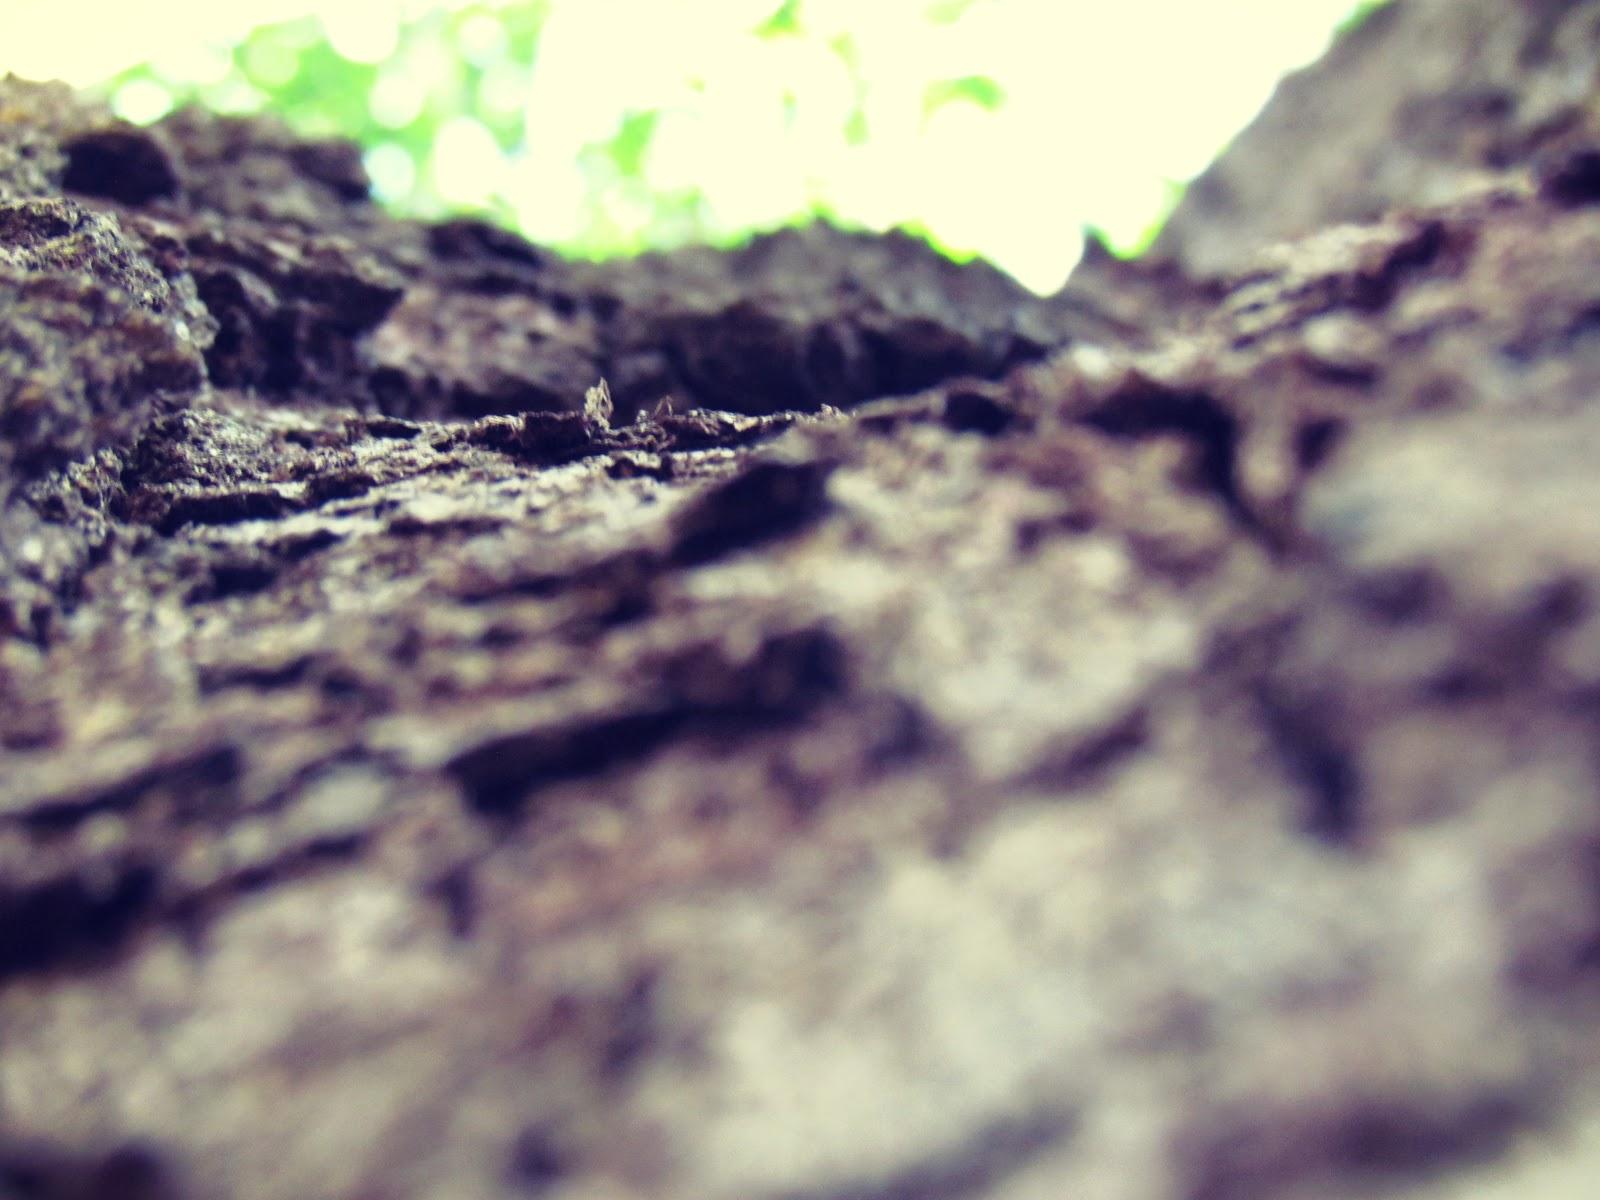 Friends of Hammock Park Wildlife Tree Bark Tree Hugger Mantra